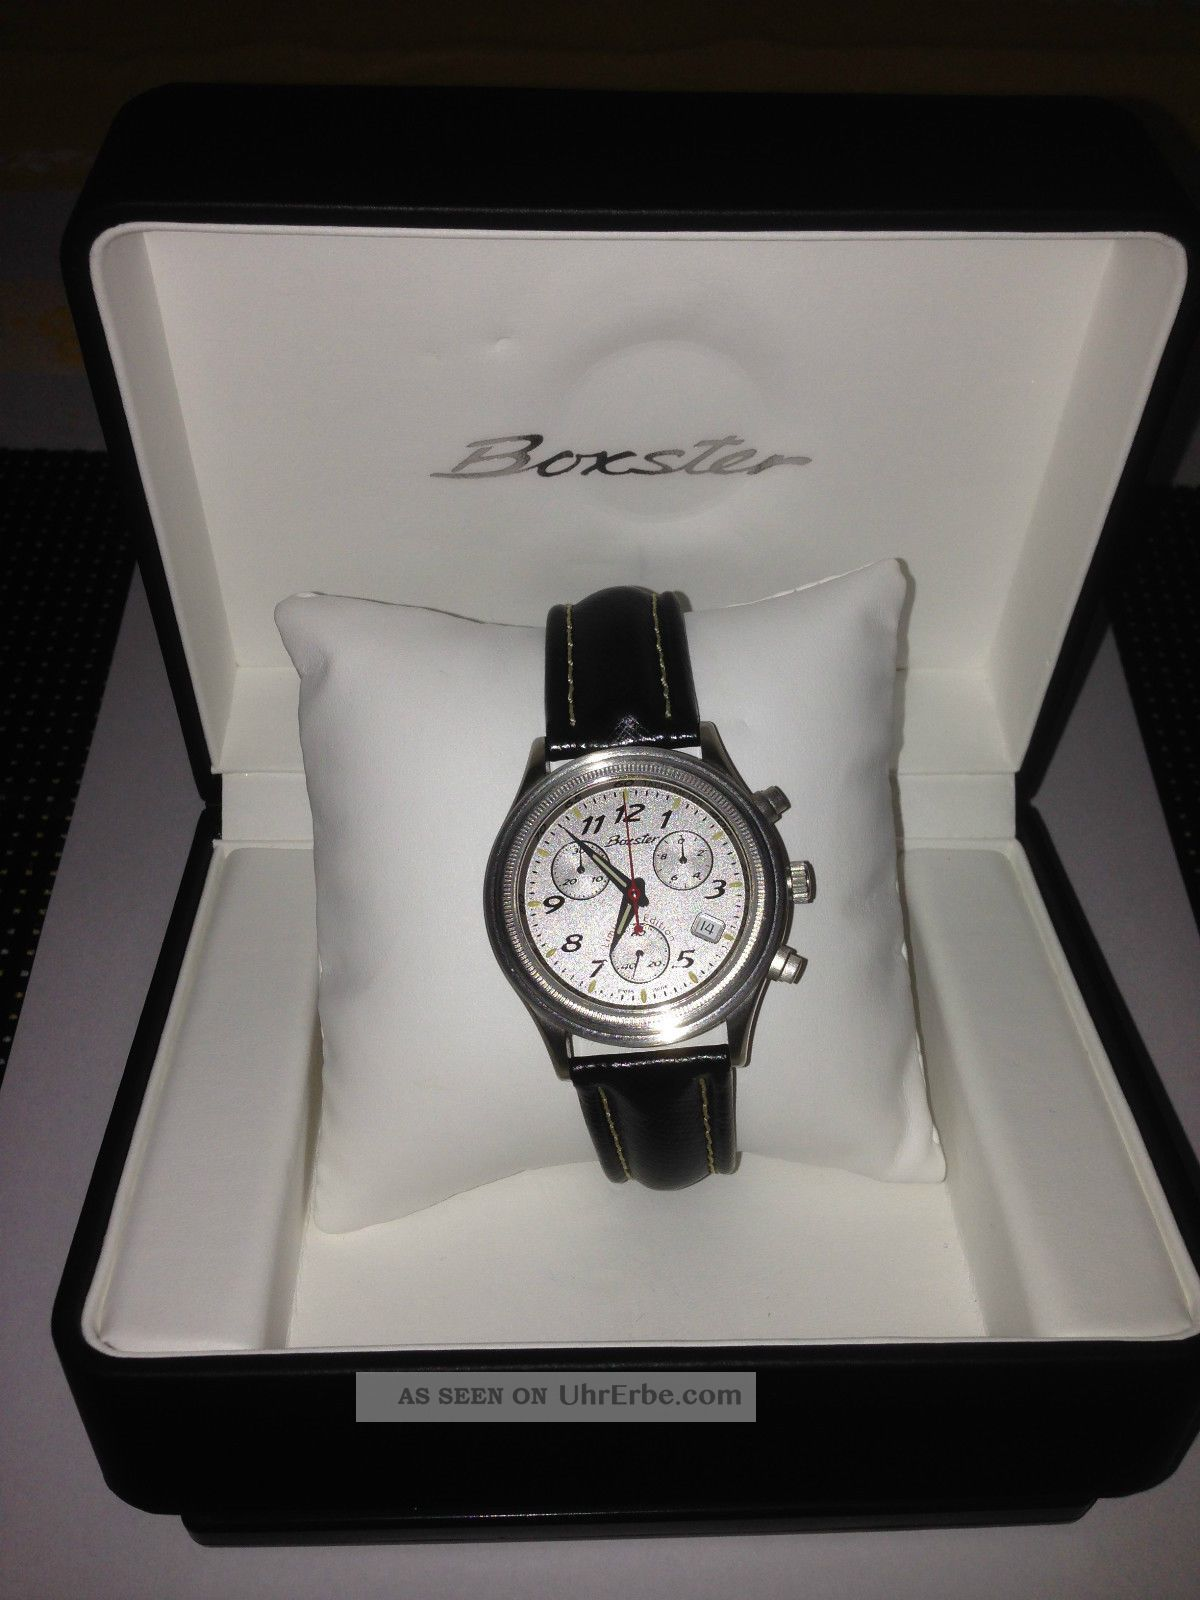 Limitierte Auflage Der Porsche Boxster Armbanduhr